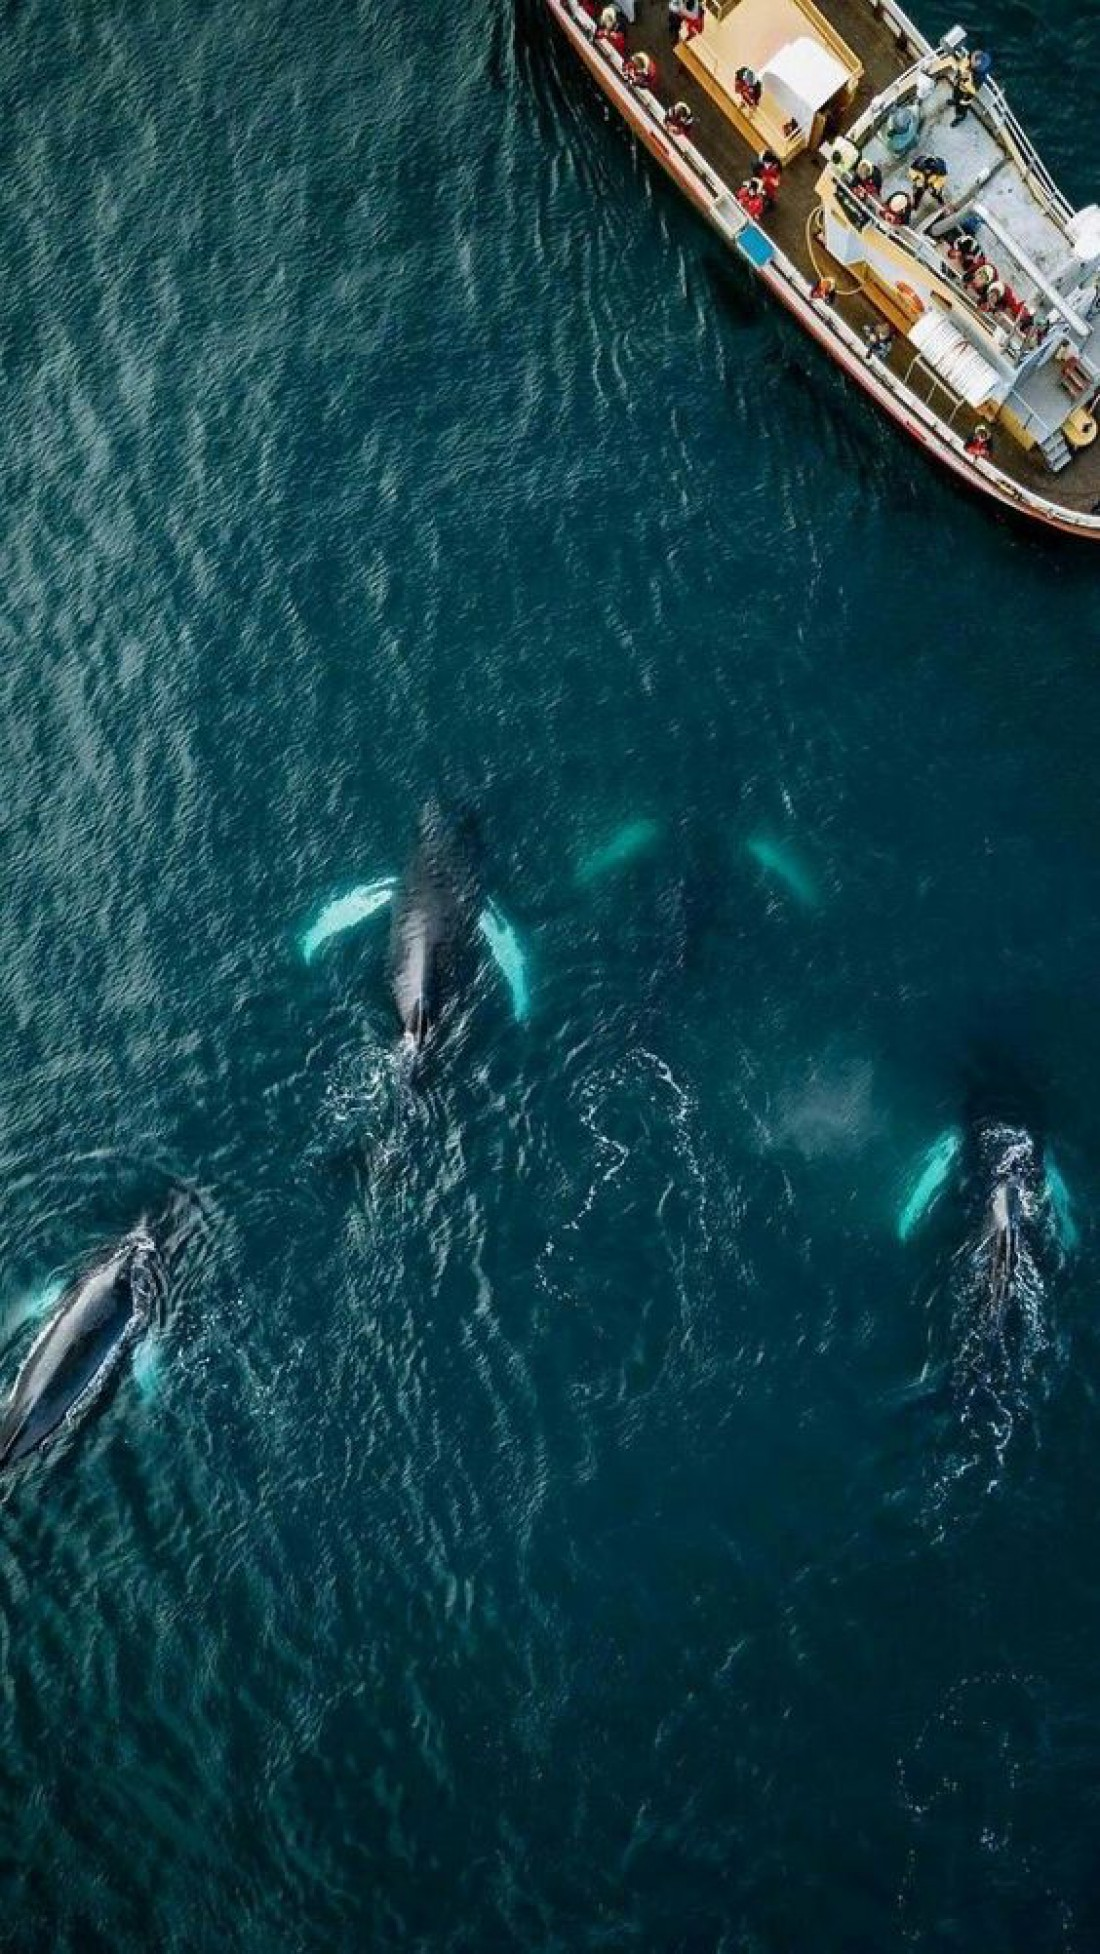 Хусавик - место, где обитают киты